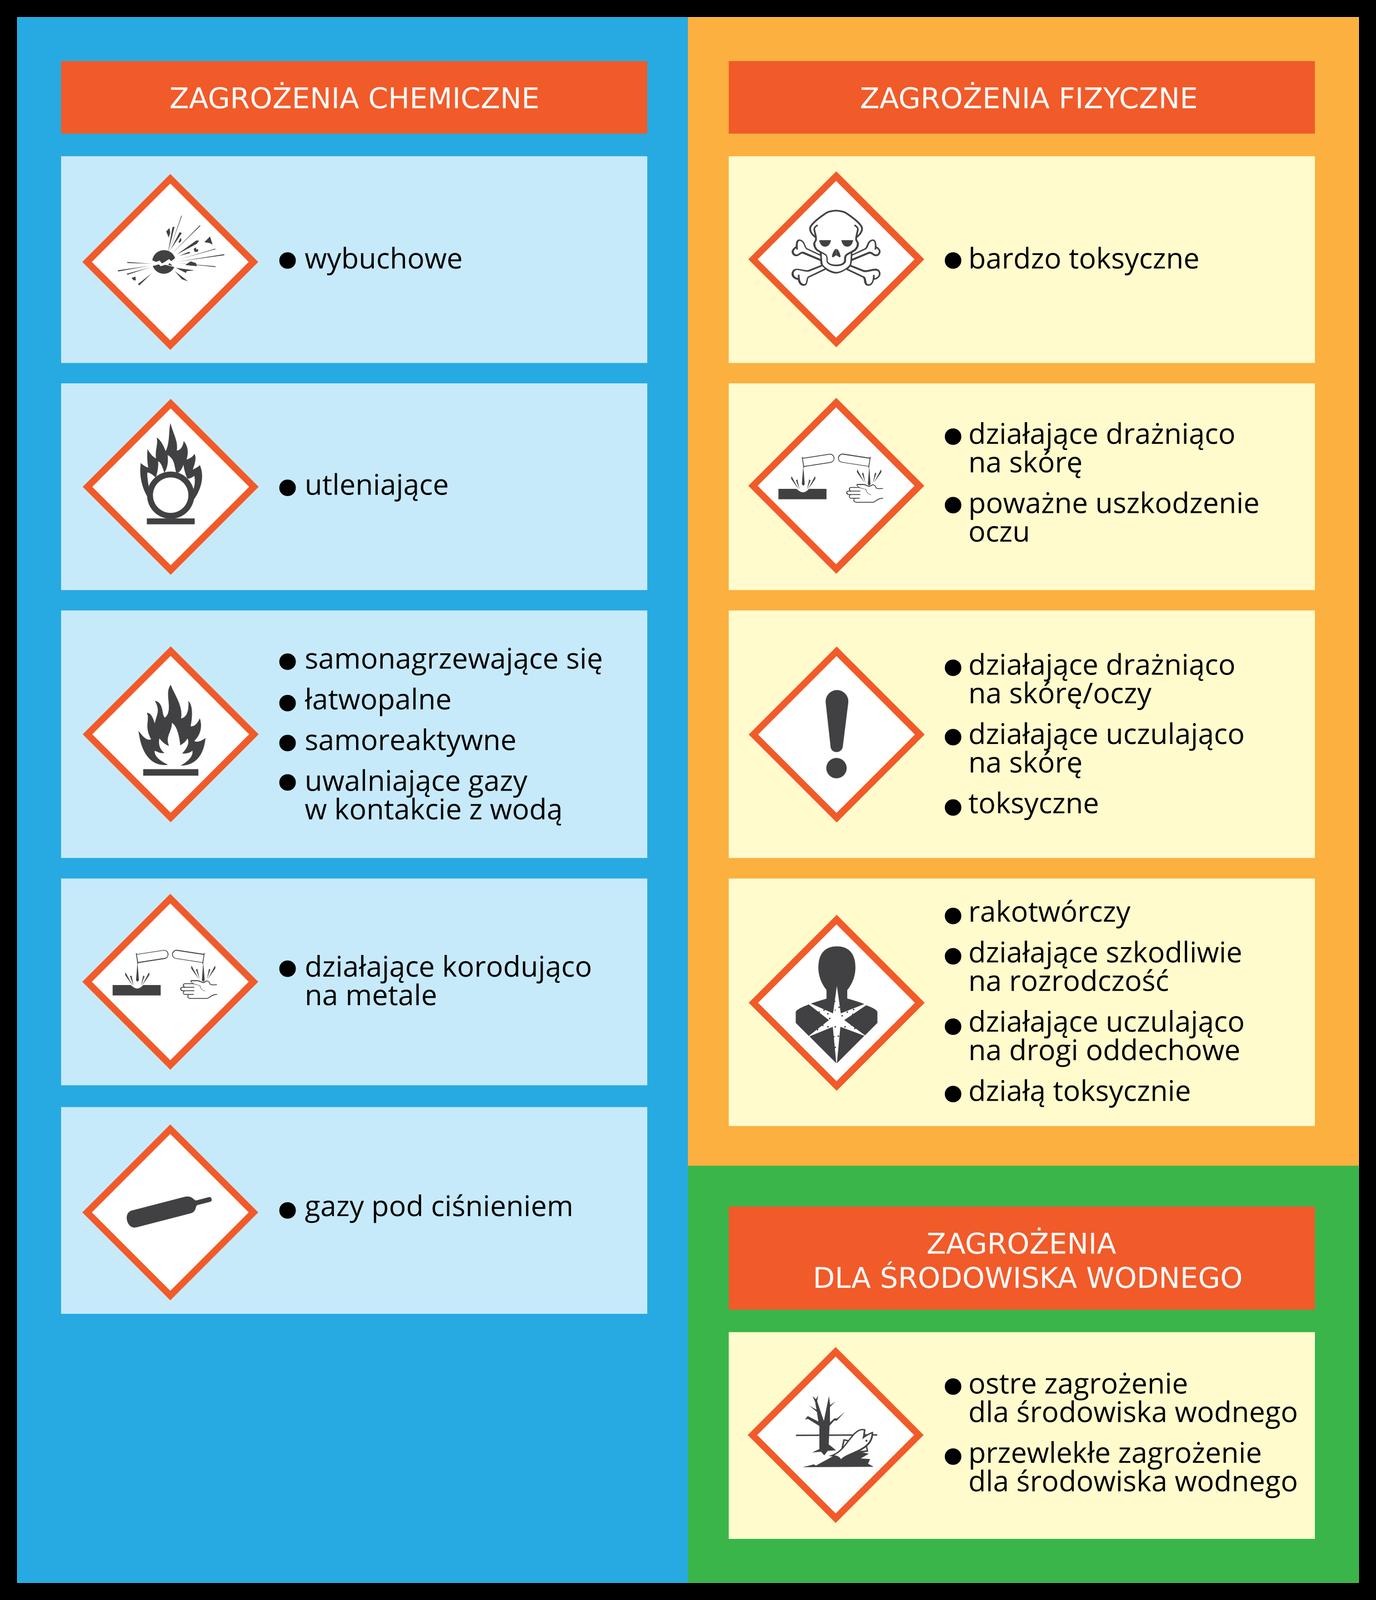 Ilustracja przedstawia listę zagrożeń fizycznych, zagrożeń dla zdrowia oraz zagrożeń dla środowiska naturalnego wraz zodpowiadającymi im piktogramami ostrzegawczymi. Po lewej stronie listy na niebieskim tle umieszczonych zostało pięć piktogramów zzagrożeniami fizycznymi, wnastępującej kolejności licząc od góry: substancje wybuchowe, substancje utleniające, substancje samonagrzewające się, łatwopalne, samoreaktywne iuwalniające gazy wkontakcie zwodą, substancje działające korodująco na metale oraz gazy pod ciśnieniem. Po prawej stronie listy na pomarańczowym tle umieszczone zostały cztery piktogramy zzagrożeniami dla zdrowia wnastępującej kolejności licząc od góry: substancje bardzo toksyczne, substancje działająco drażniące na skórę ipowodujące poważne uszkodzenia oczu, substancje działające drażniąco na skórę ioczy, działające uczulająco na skórę itoksyczne oraz substancje rakotwórcze, działające szkodliwie na płodność, uczulające drogi oddechowe itoksyczne. Udołu listy na niebieskim tle umieszczony został piktogram informujący oostrym lub przewlekłym zagrożeniu dla środowiska wodnego.